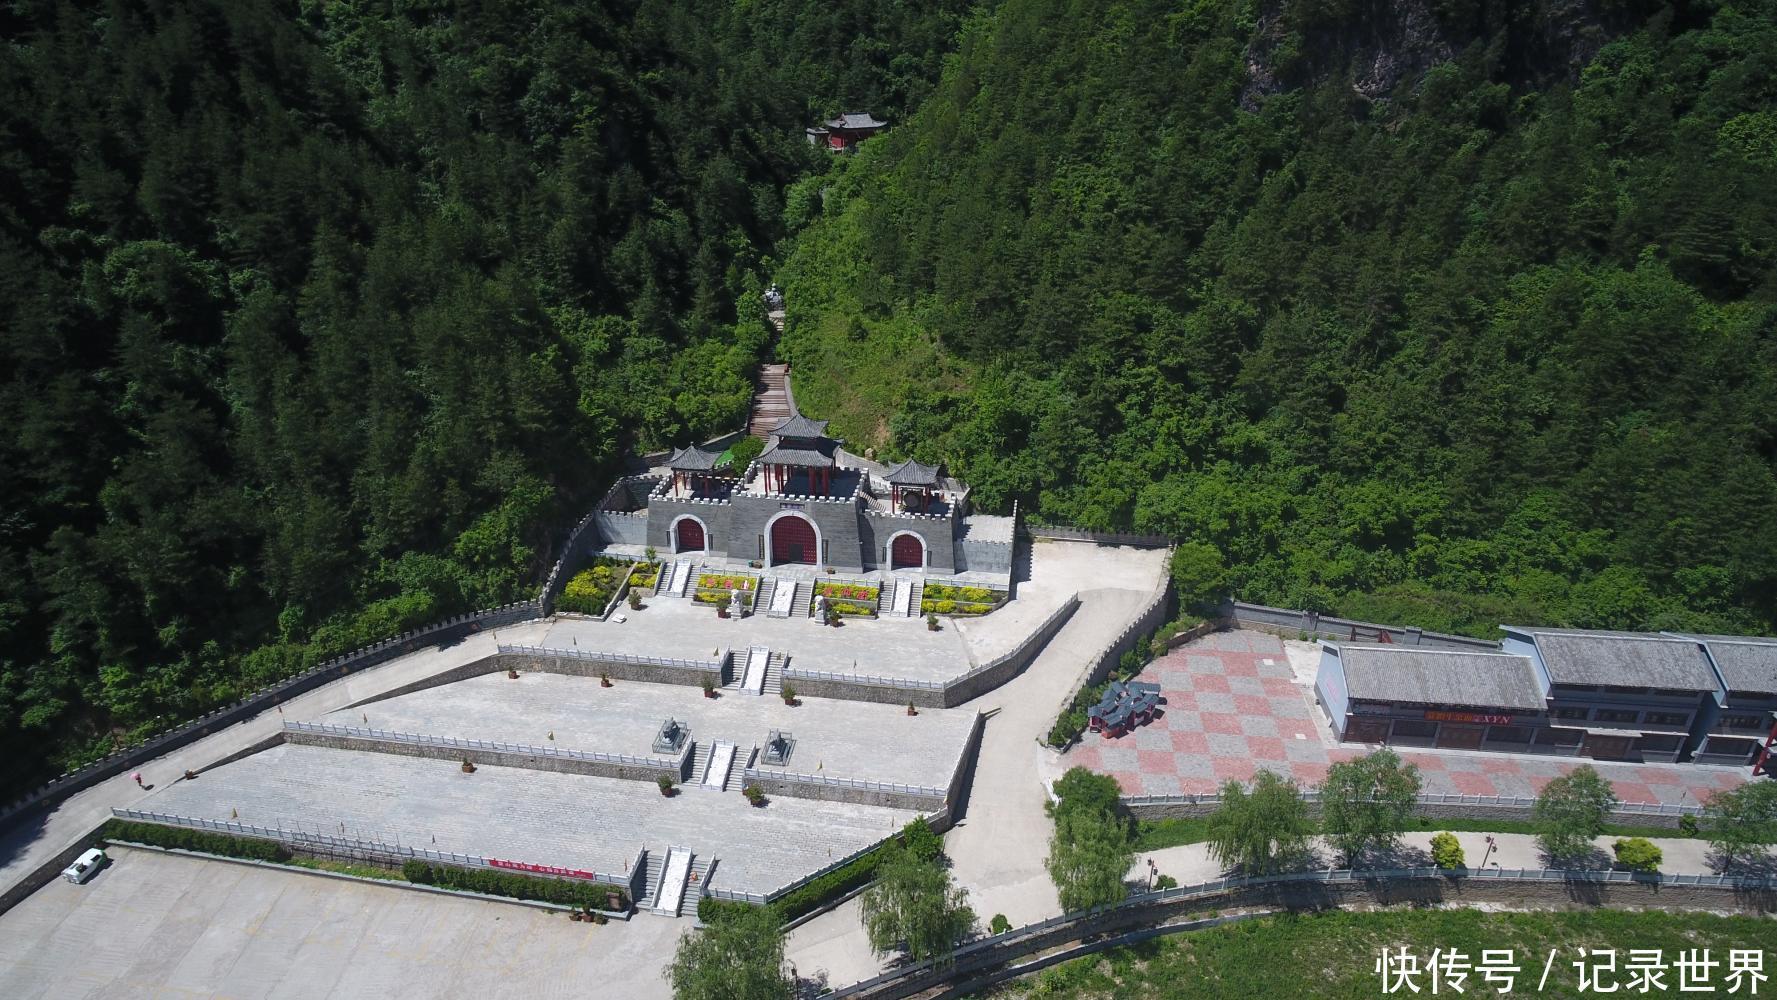 旅游 正文  老君山旅游风景区地处华山之南的陕西省洛南县巡检镇境内